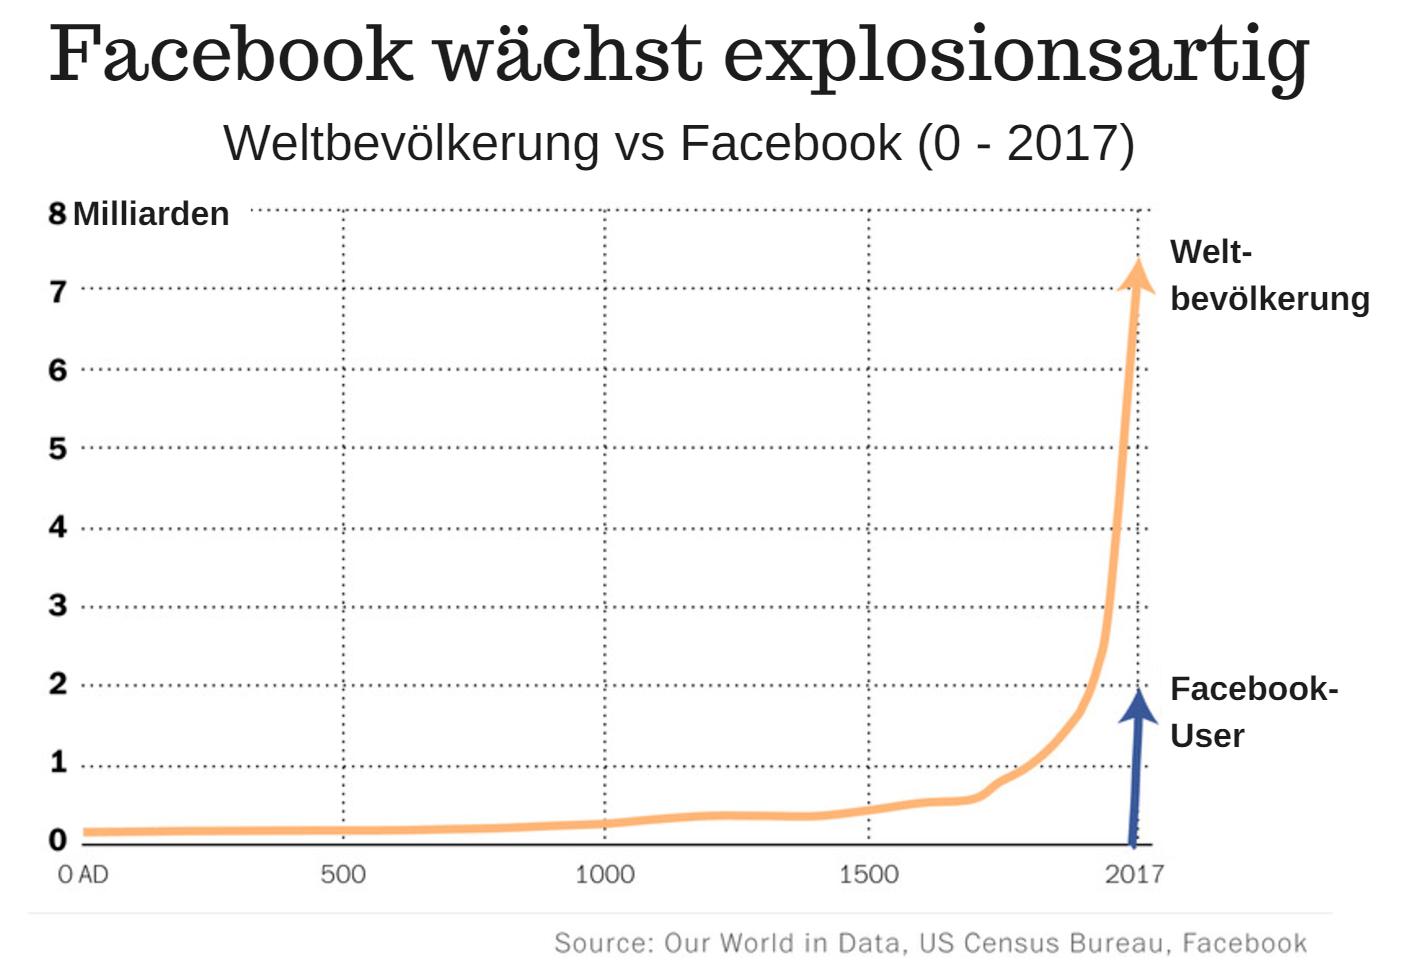 Facebook wächst explosionsartig 1